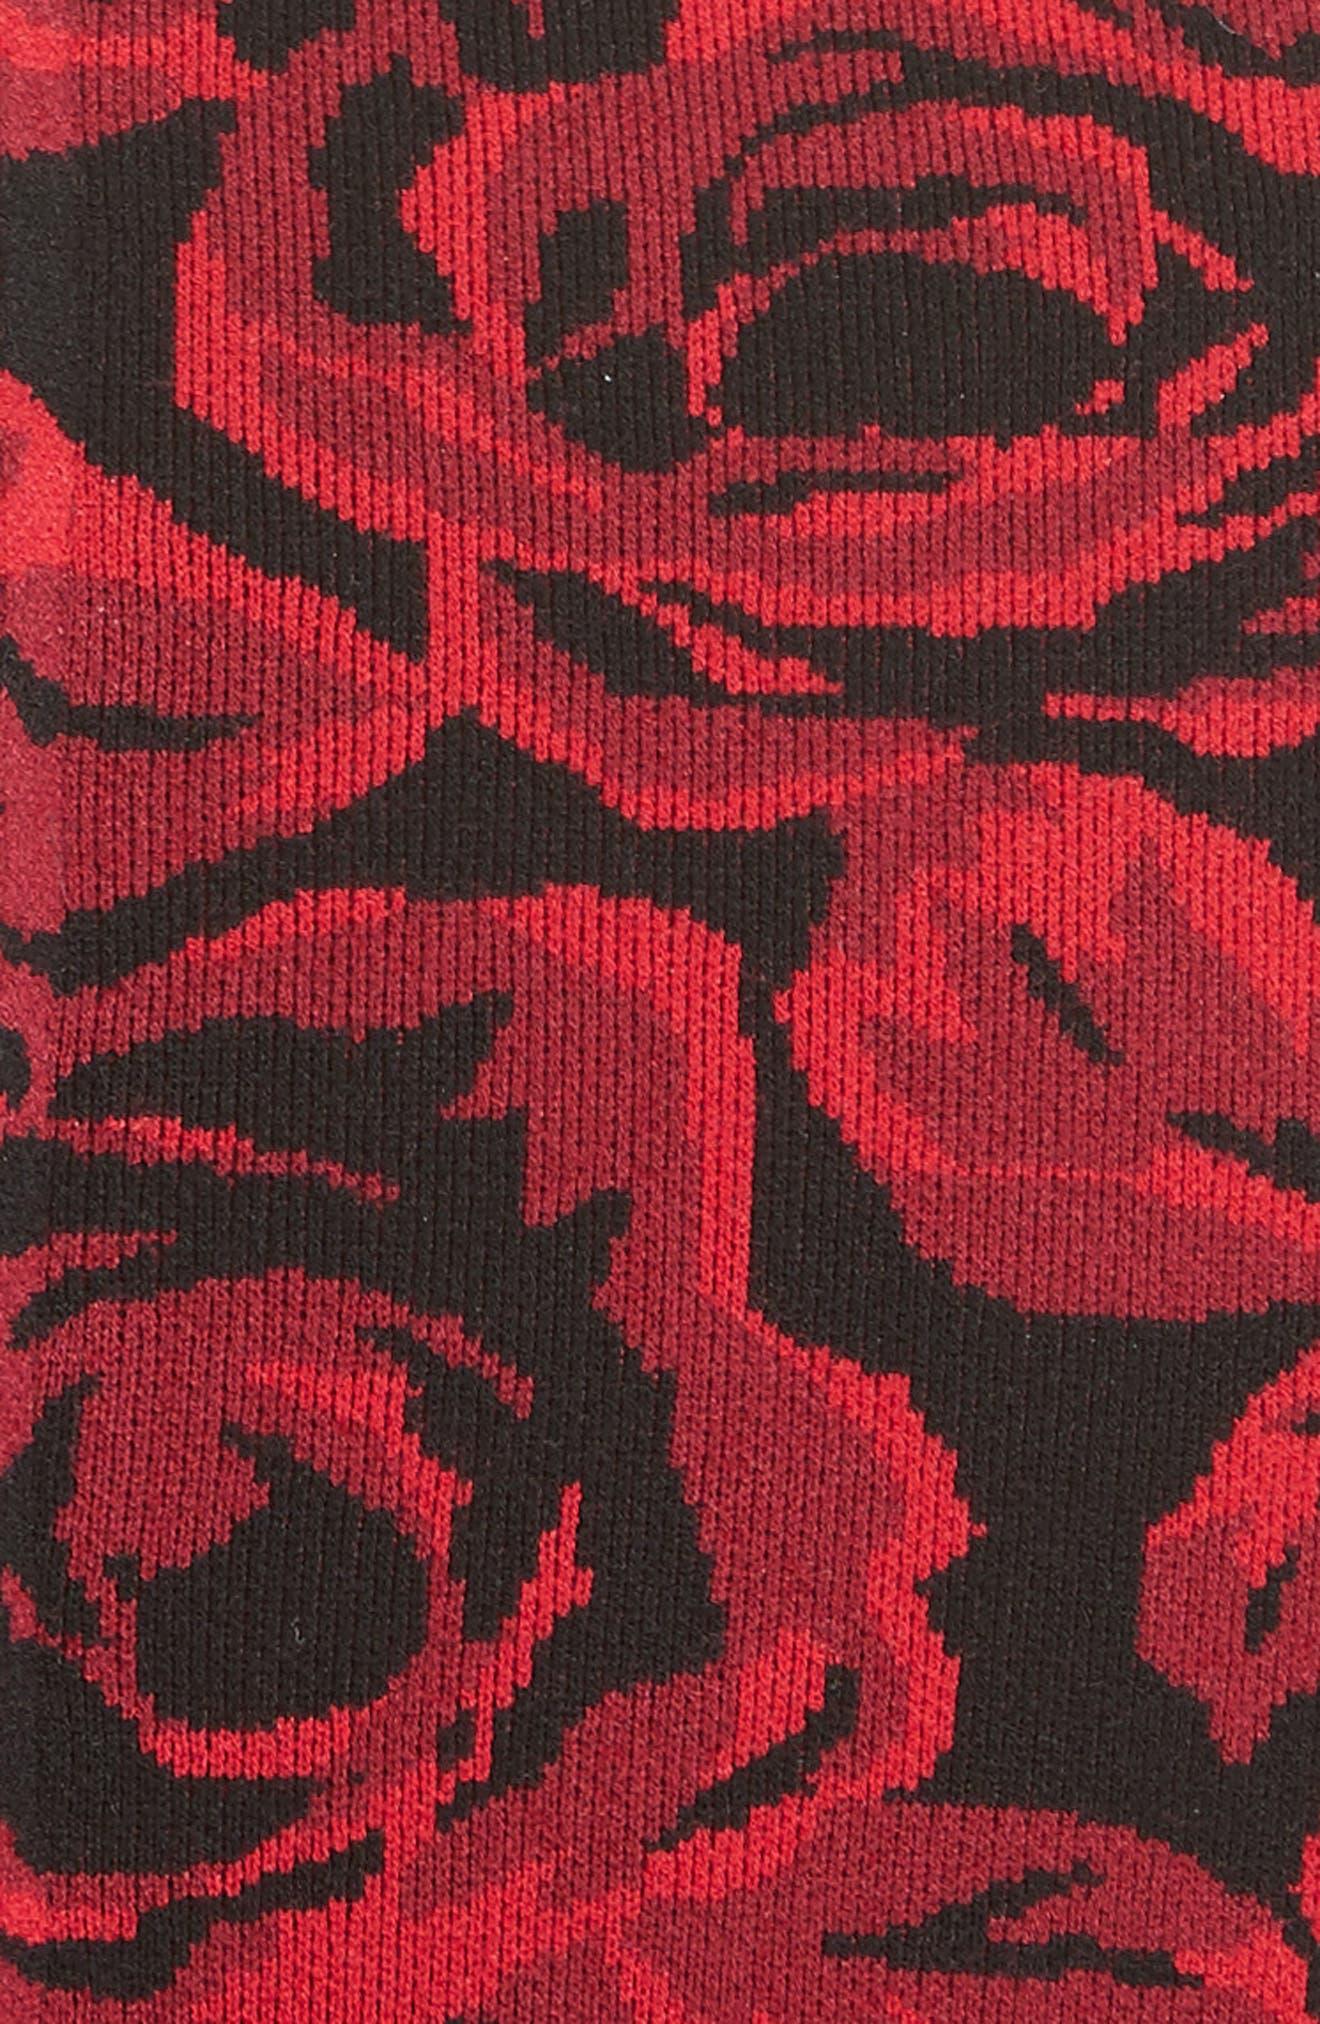 Rose Stretch Jacquard Shrug,                             Alternate thumbnail 3, color,                             Crimson/ Black